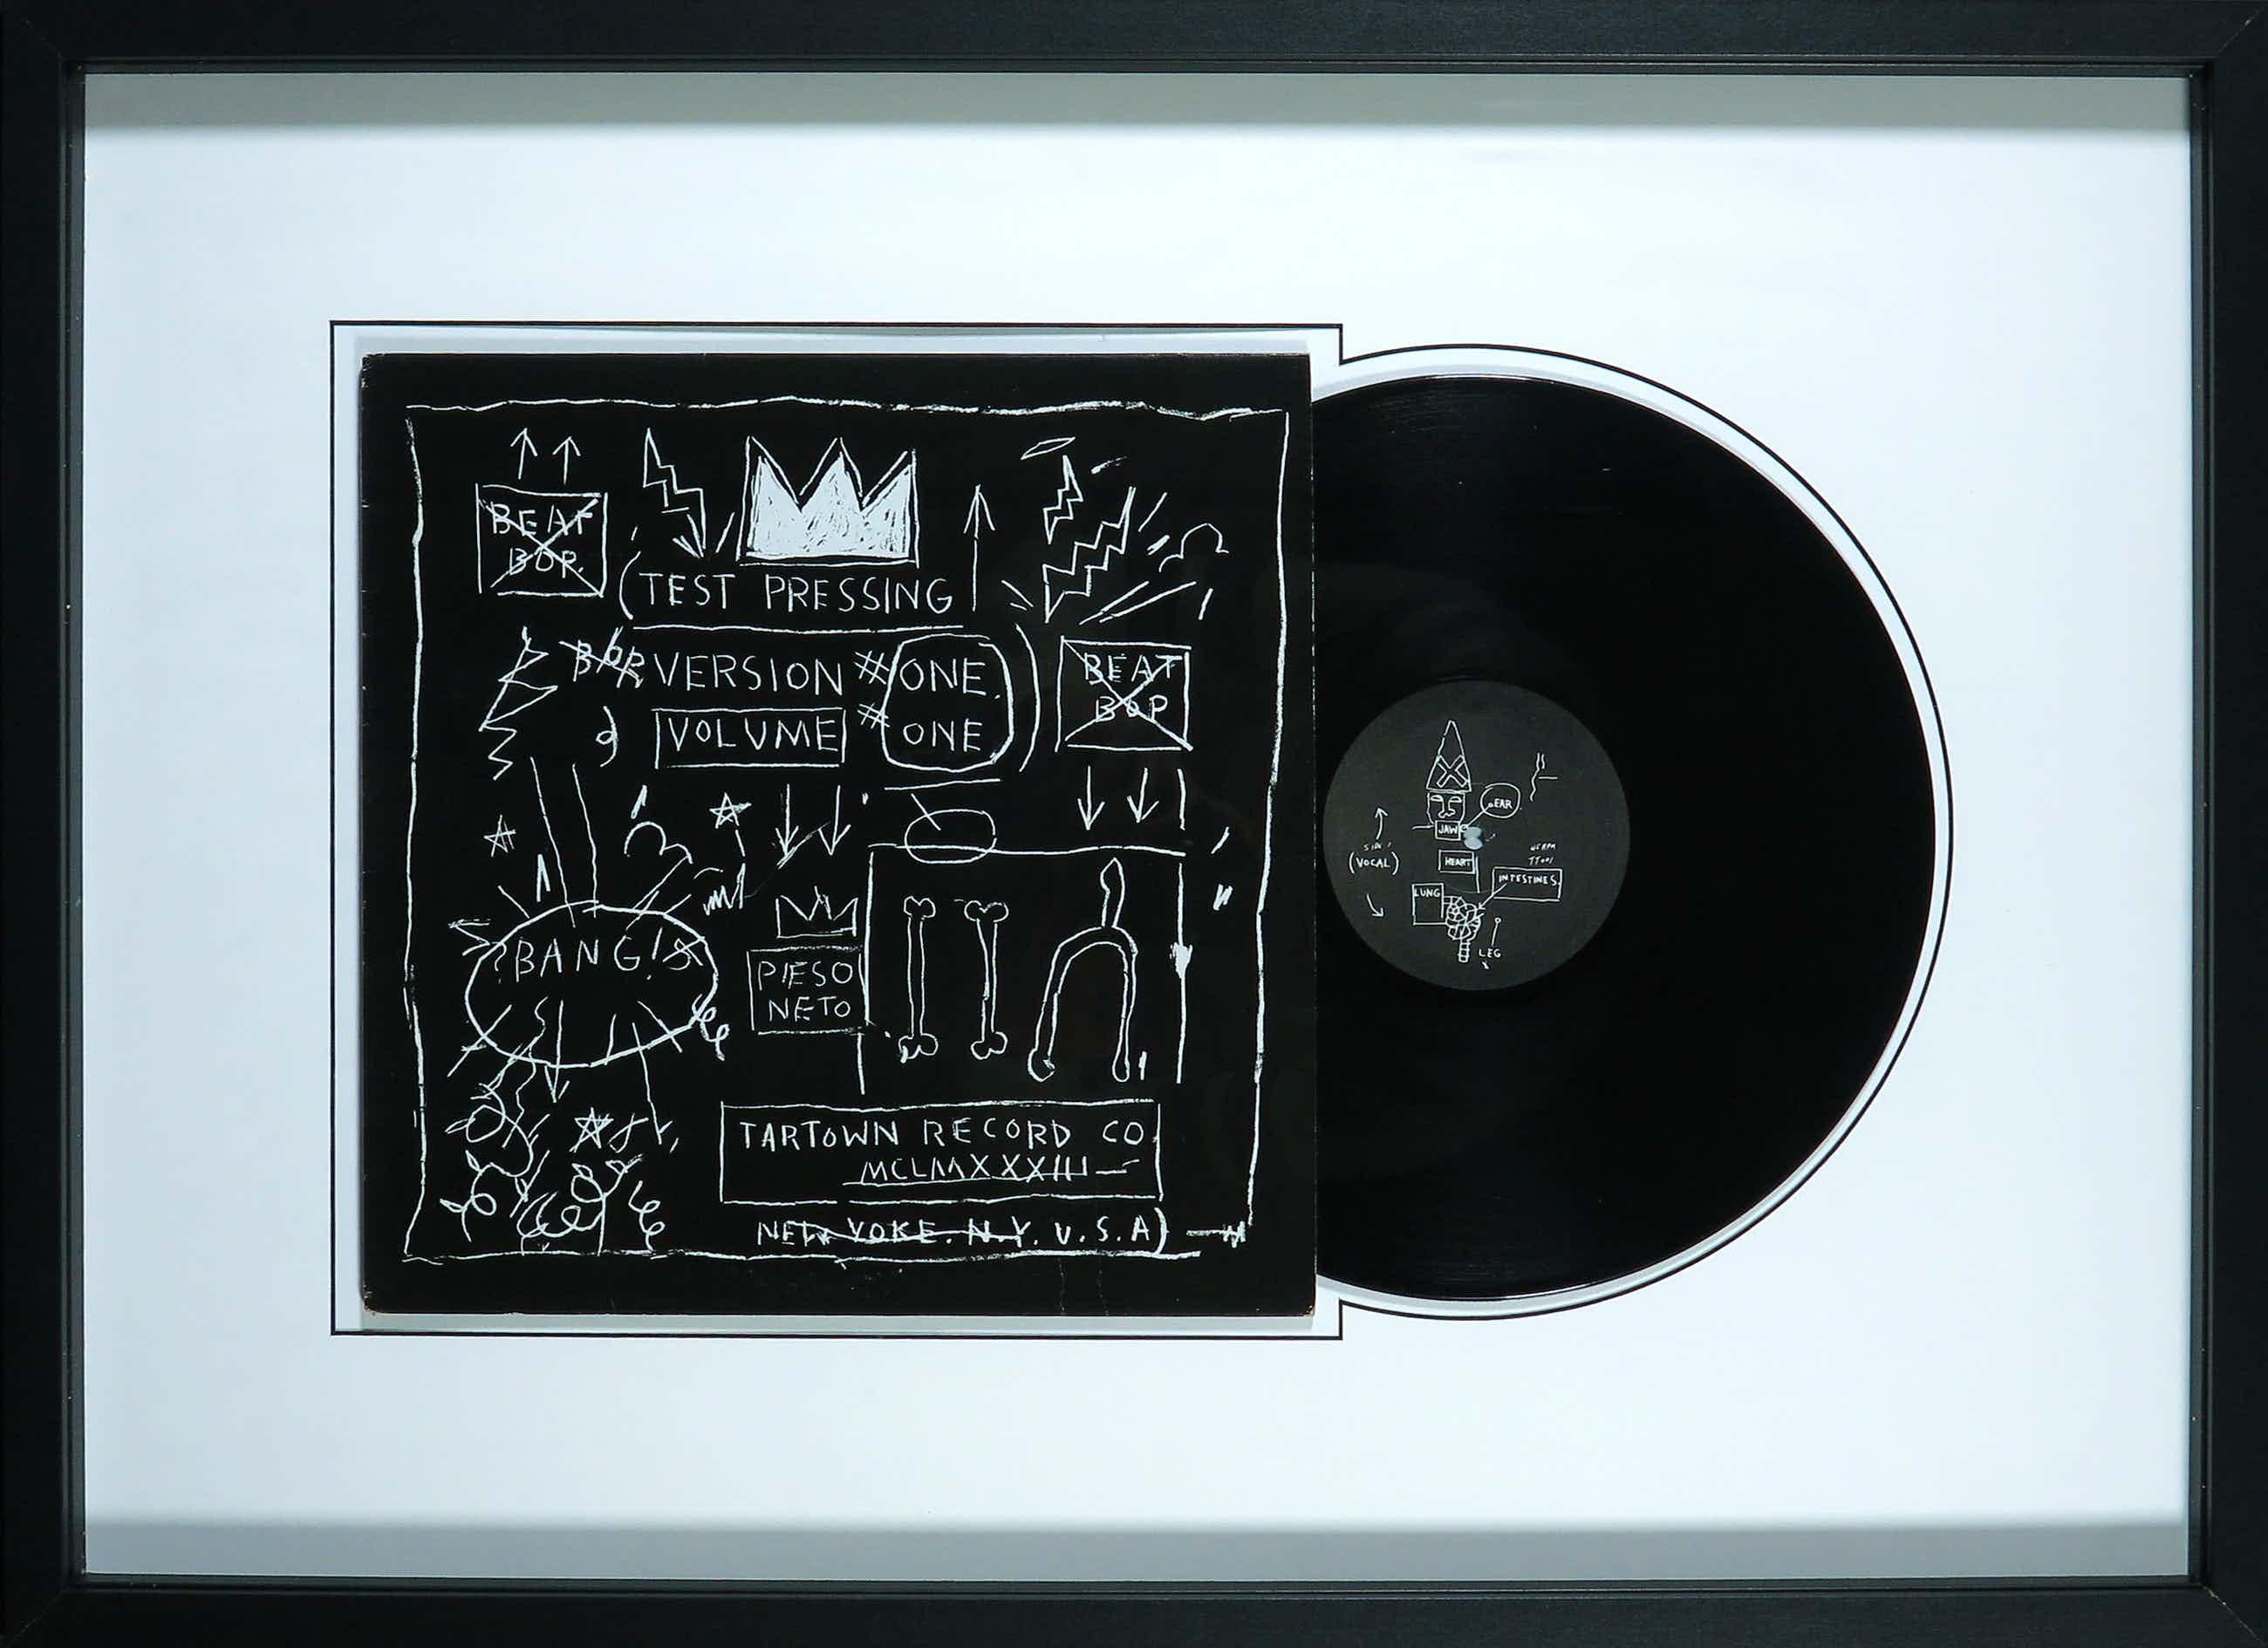 Jean-Michel Basquiat - LP-hoes, Rammellzee, K-Rob: Beat Bop - Ingelijst kopen? Bied vanaf 660!